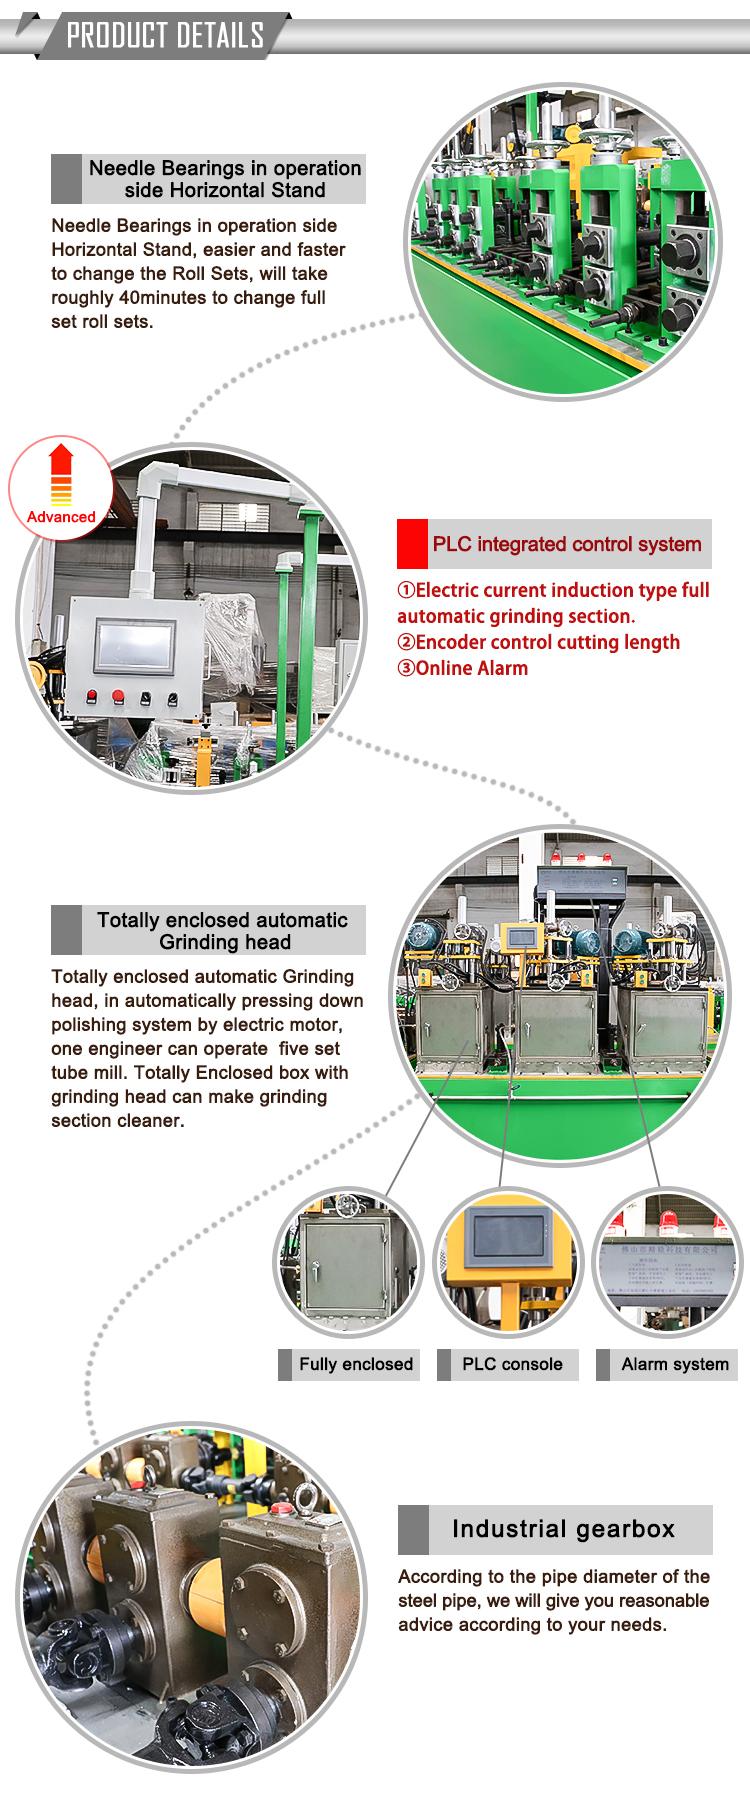 Küçük Çaplı Boru Makinesi kaynaklı boru Değirmeni